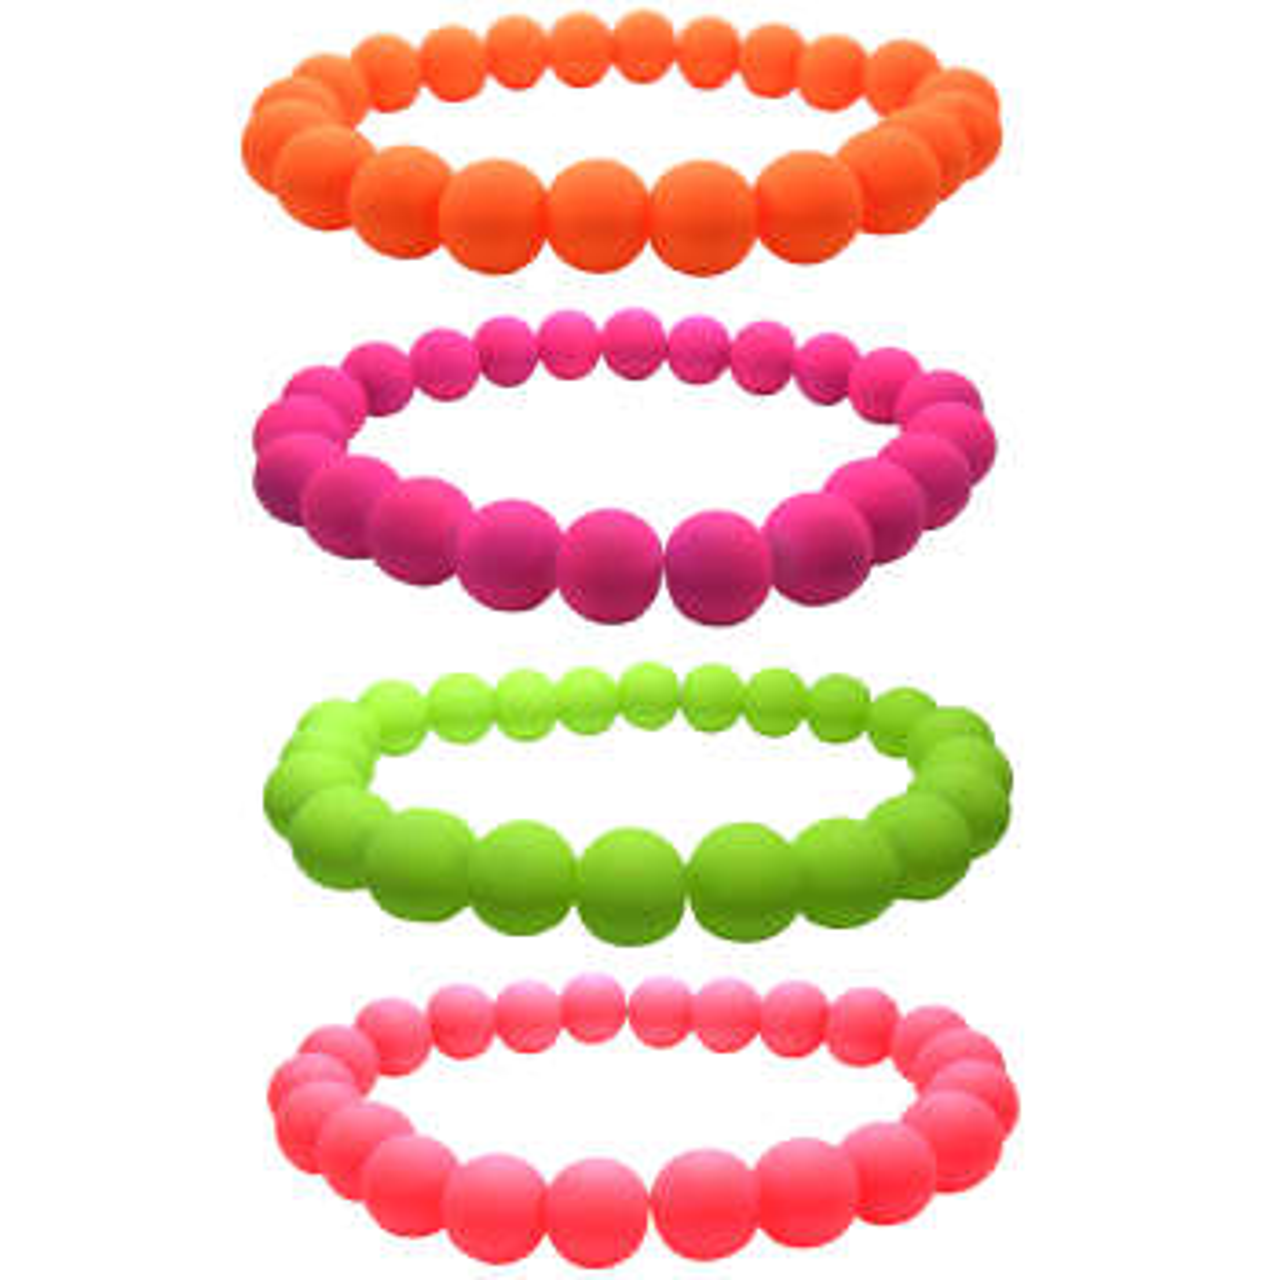 دستبند زنانه کد D-SH-09 مجموعه 4 عددی